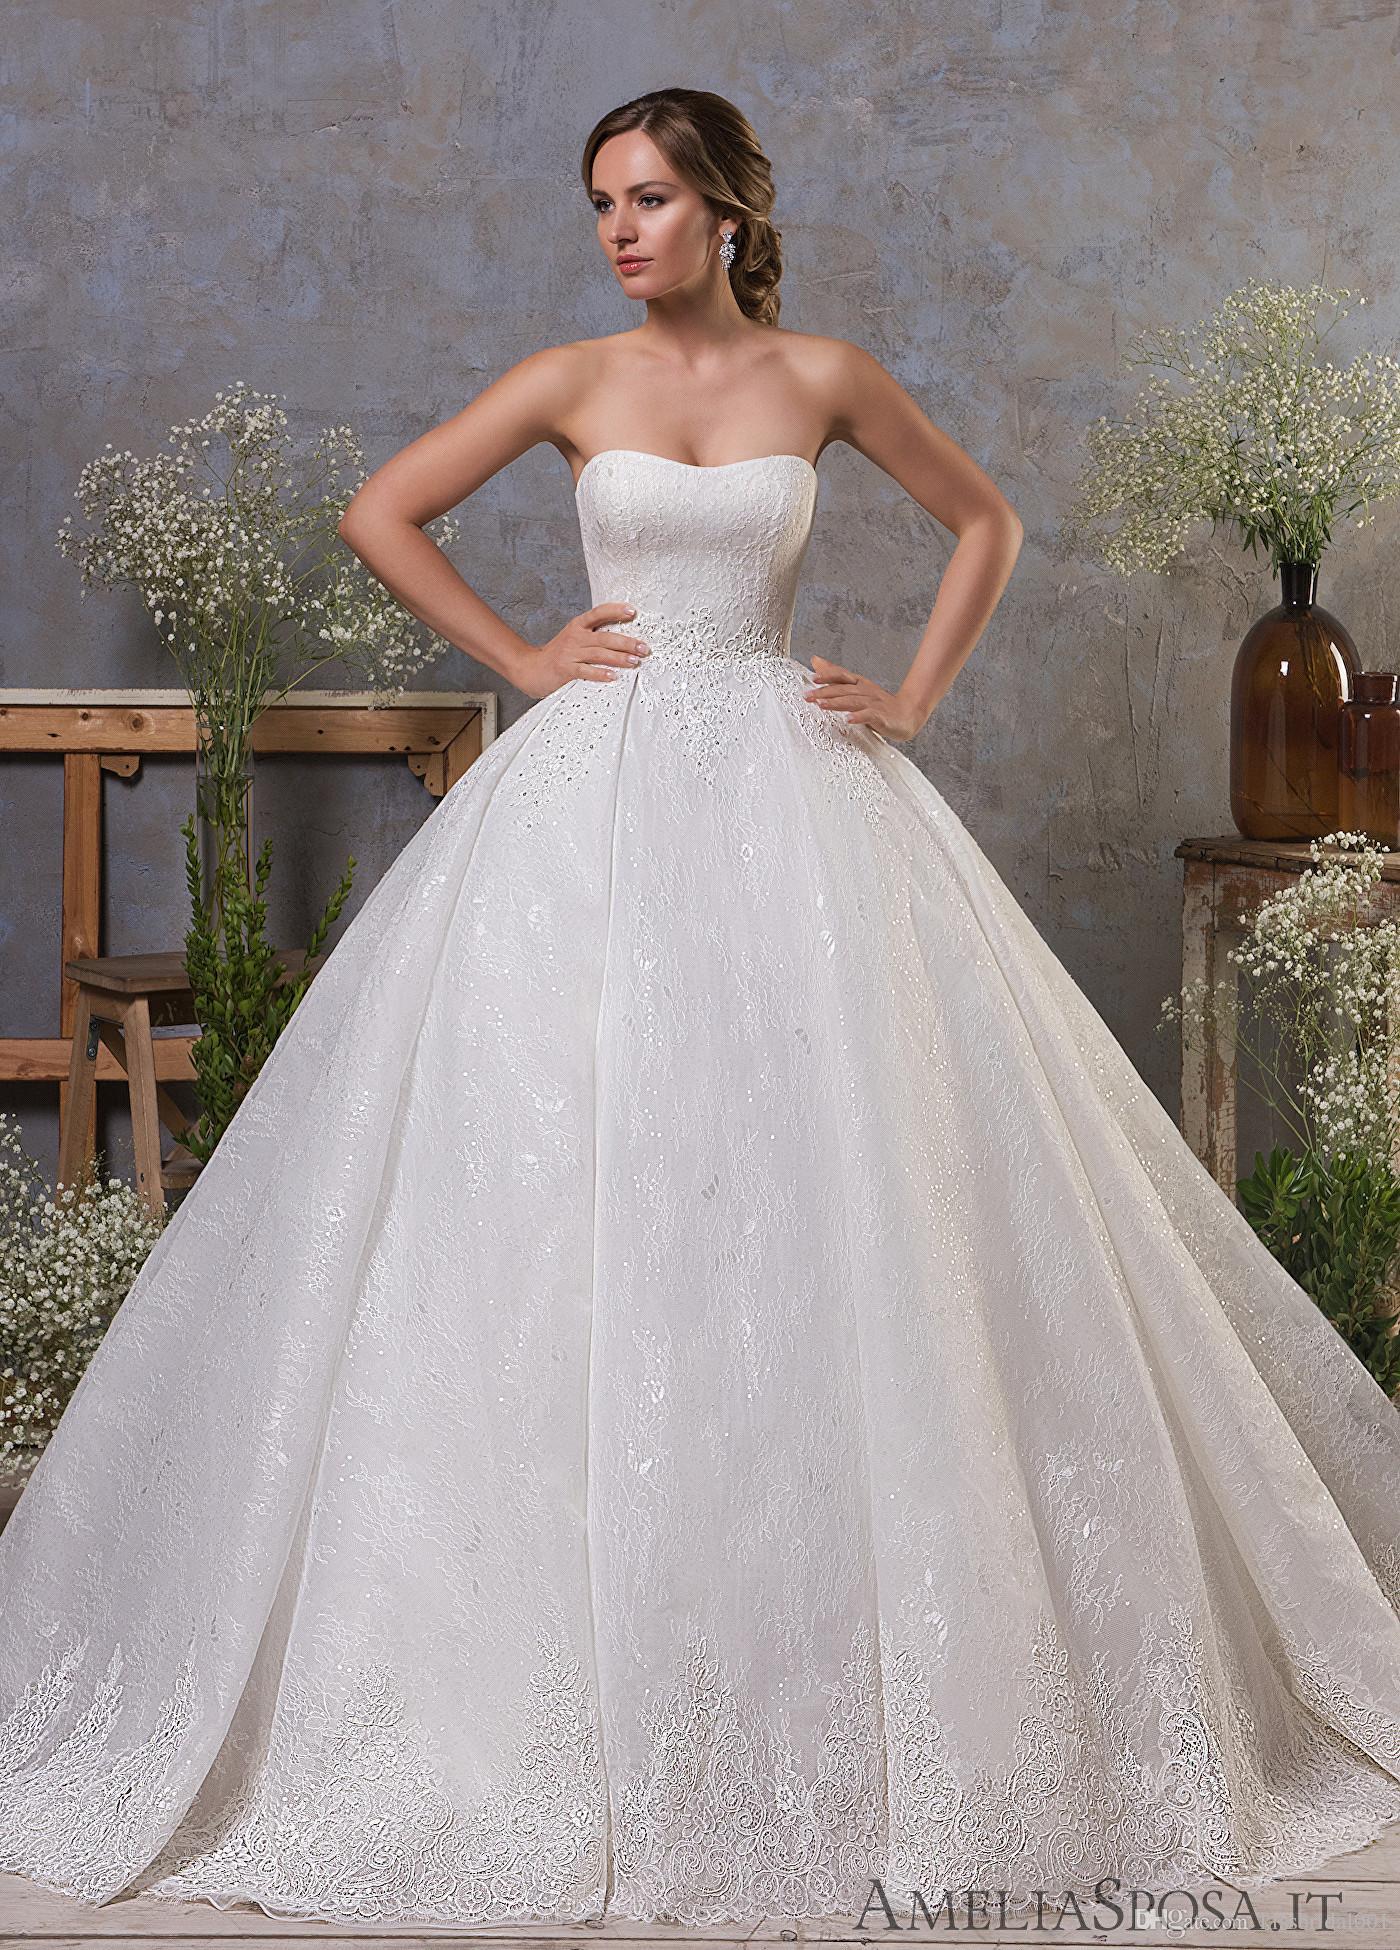 c991ebc2d Compre Elegantes Vestidos De Novia De Encaje 2019 Princesa Fuera Del Hombro  Vestidos De Novia Vestido De Fiesta Vestido Formal De La Vendimia Para La  Novia ...